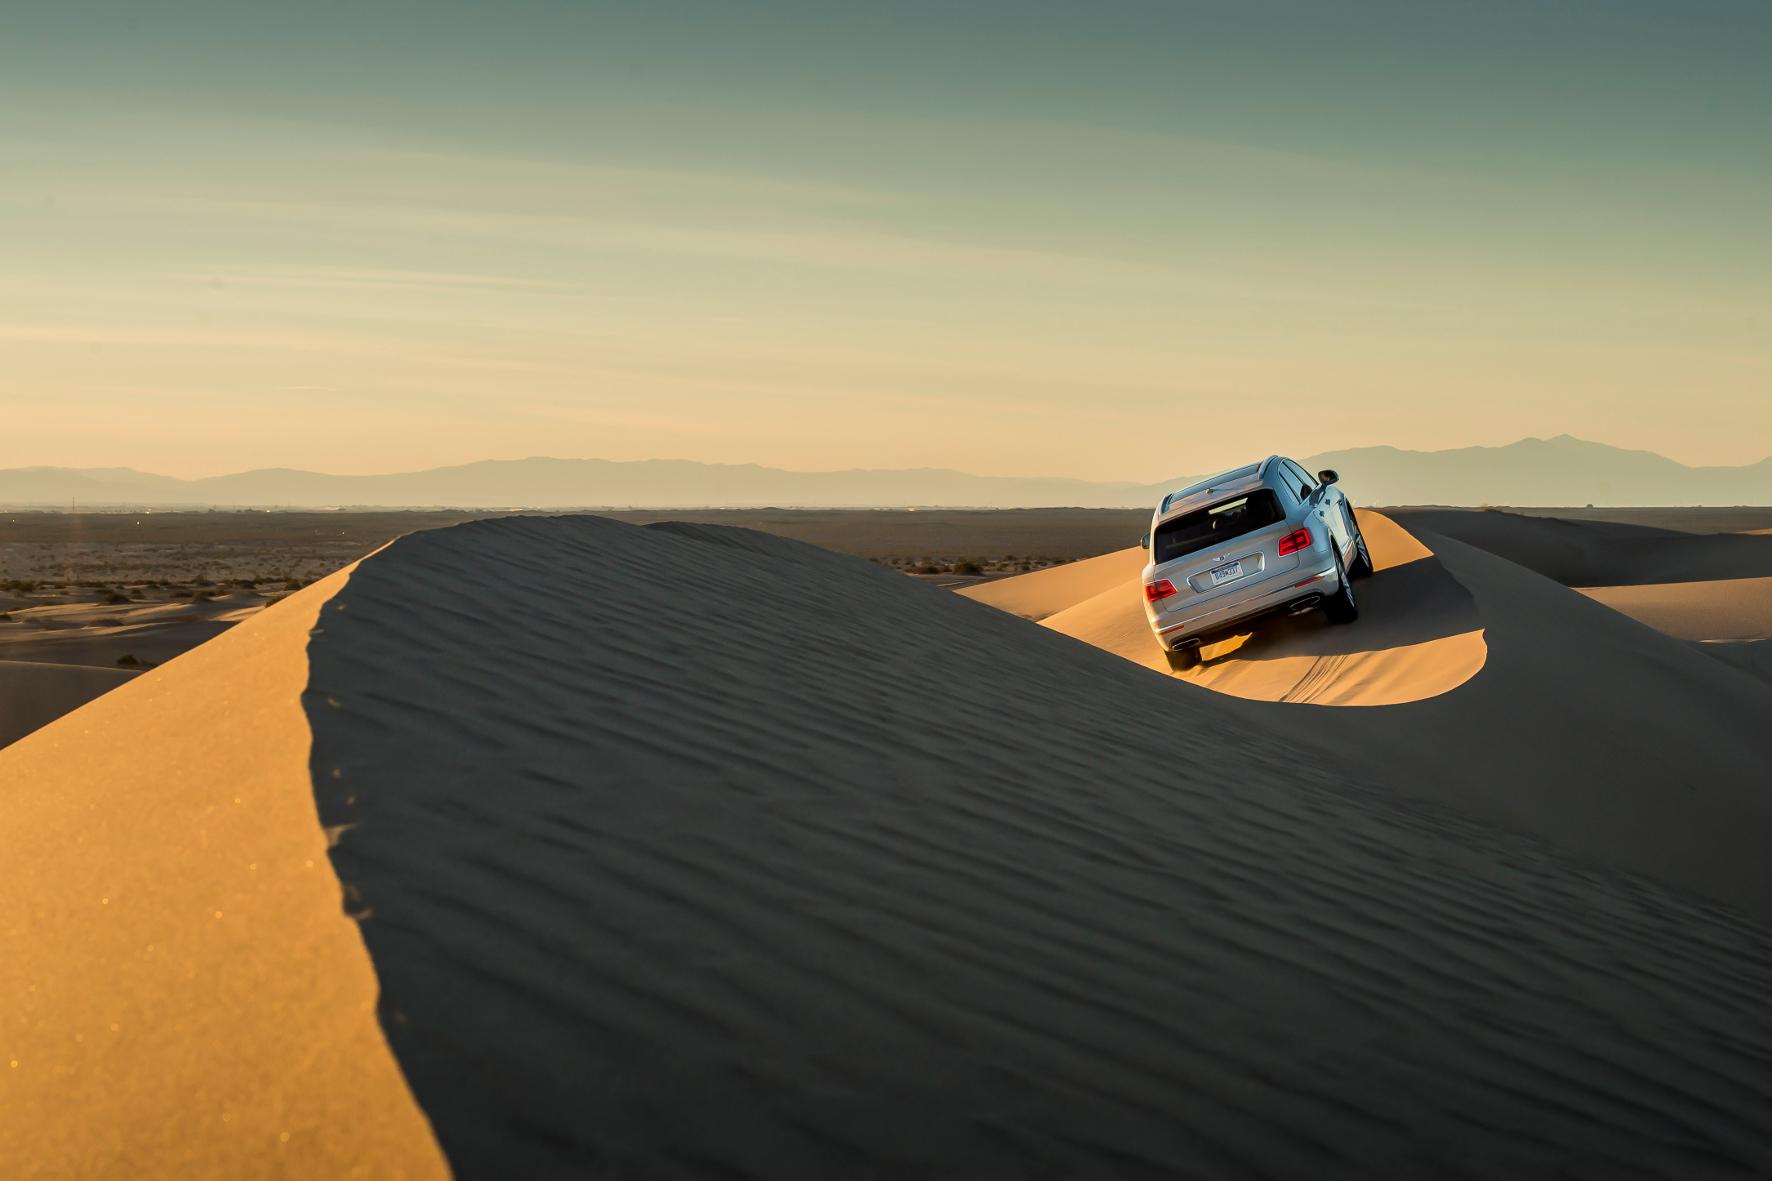 Dünenläufer: Ein spezieller Dynamik-Modus justiert beim Bentley Bentayga Bodenfreiheit, Gasannahme, Schaltstufen der Automatik und optimiert die Kraftverteilung für das wilde Treiben in schwerstem Terrain.